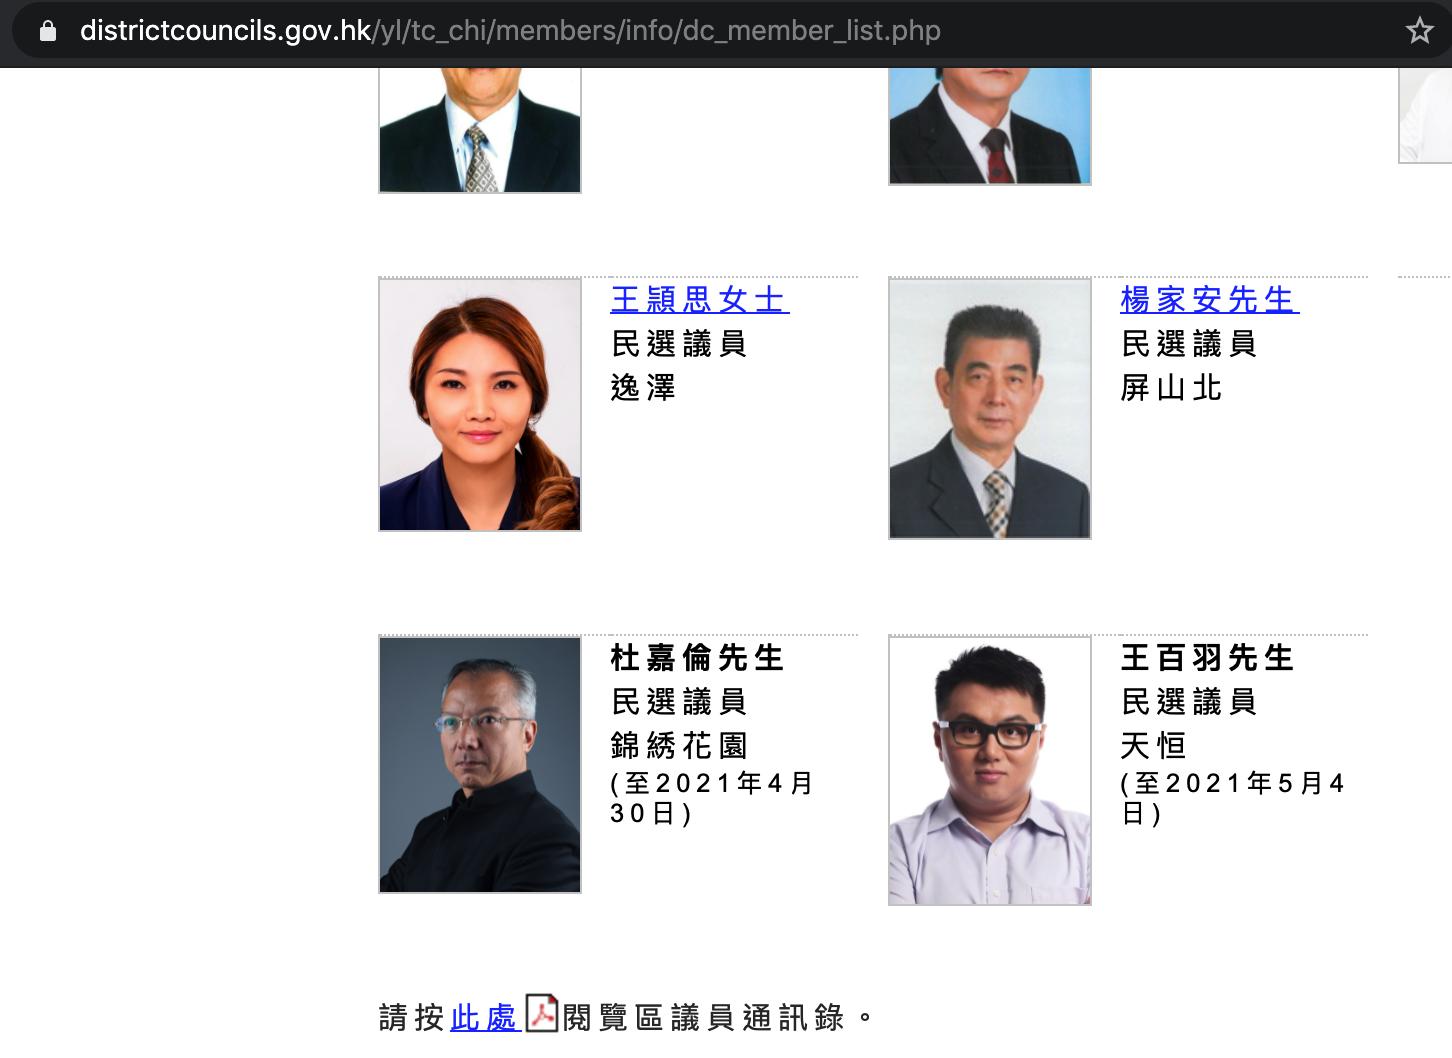 元朗區議會網頁顯示,元朗天恆區區議員王百羽任期早已於5月4日結束。(網頁截圖)